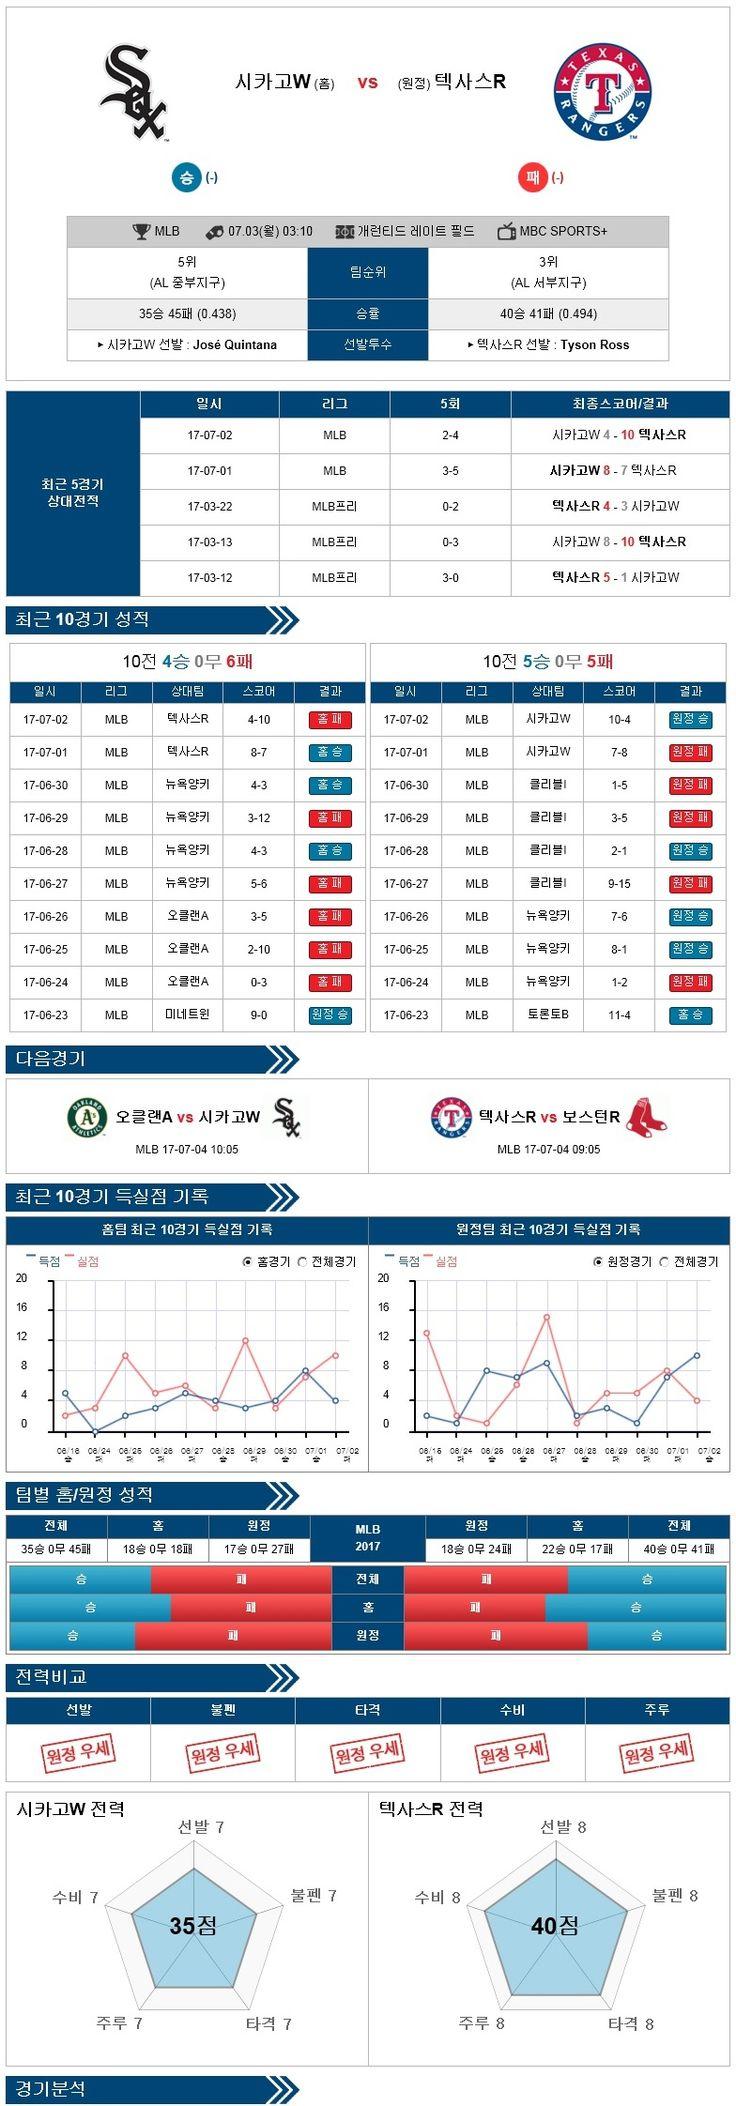 스포츠토토 분석 [MLB] 7월 03일 야구분석픽 시카고화이트삭스 vs 텍사스 ★토토군 분석픽★